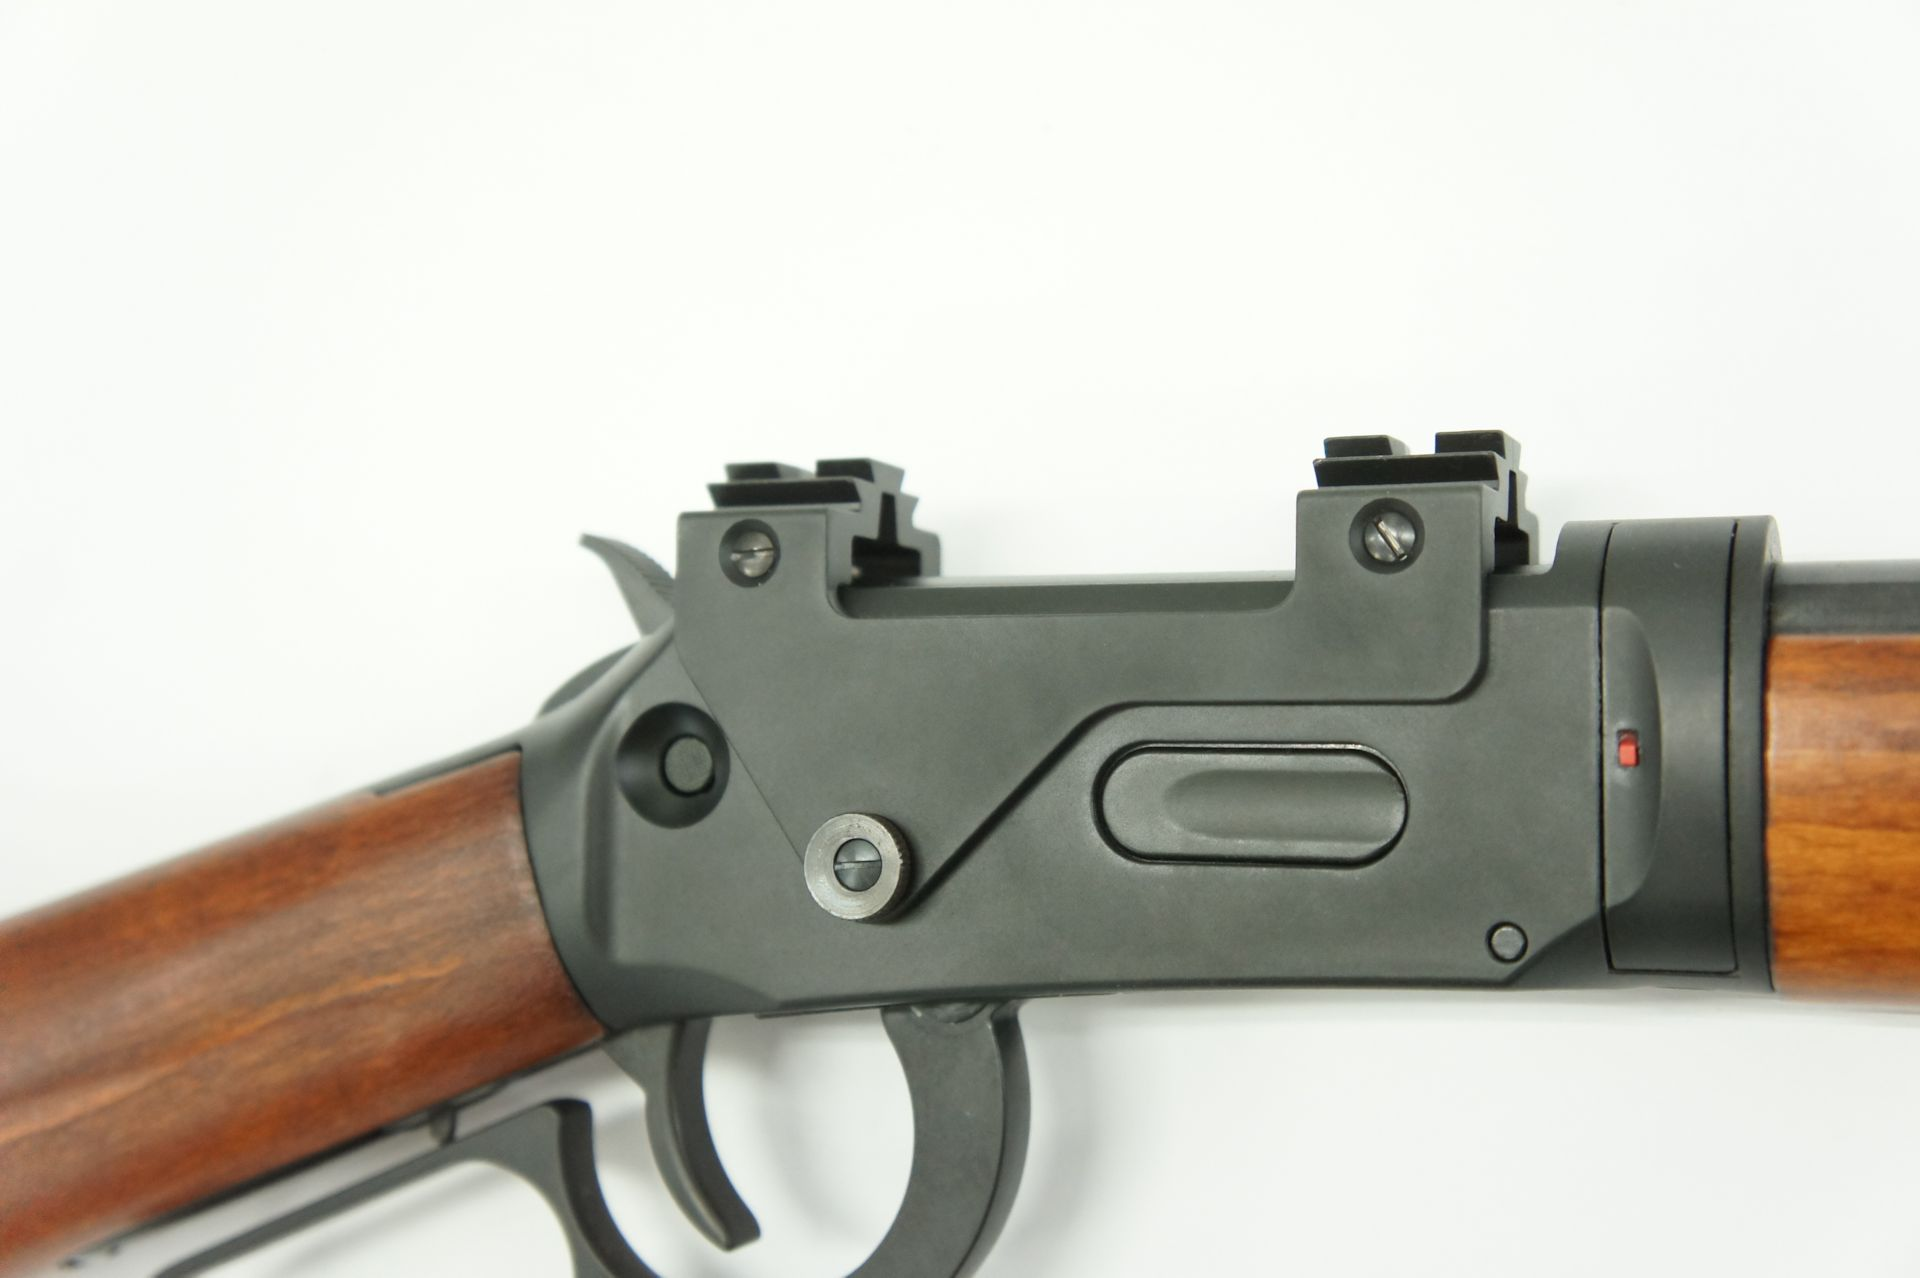 Montagebeispiel am vernickelten <a href=1060341.htm> CO2 Gewehr Walther Lever Action</a>